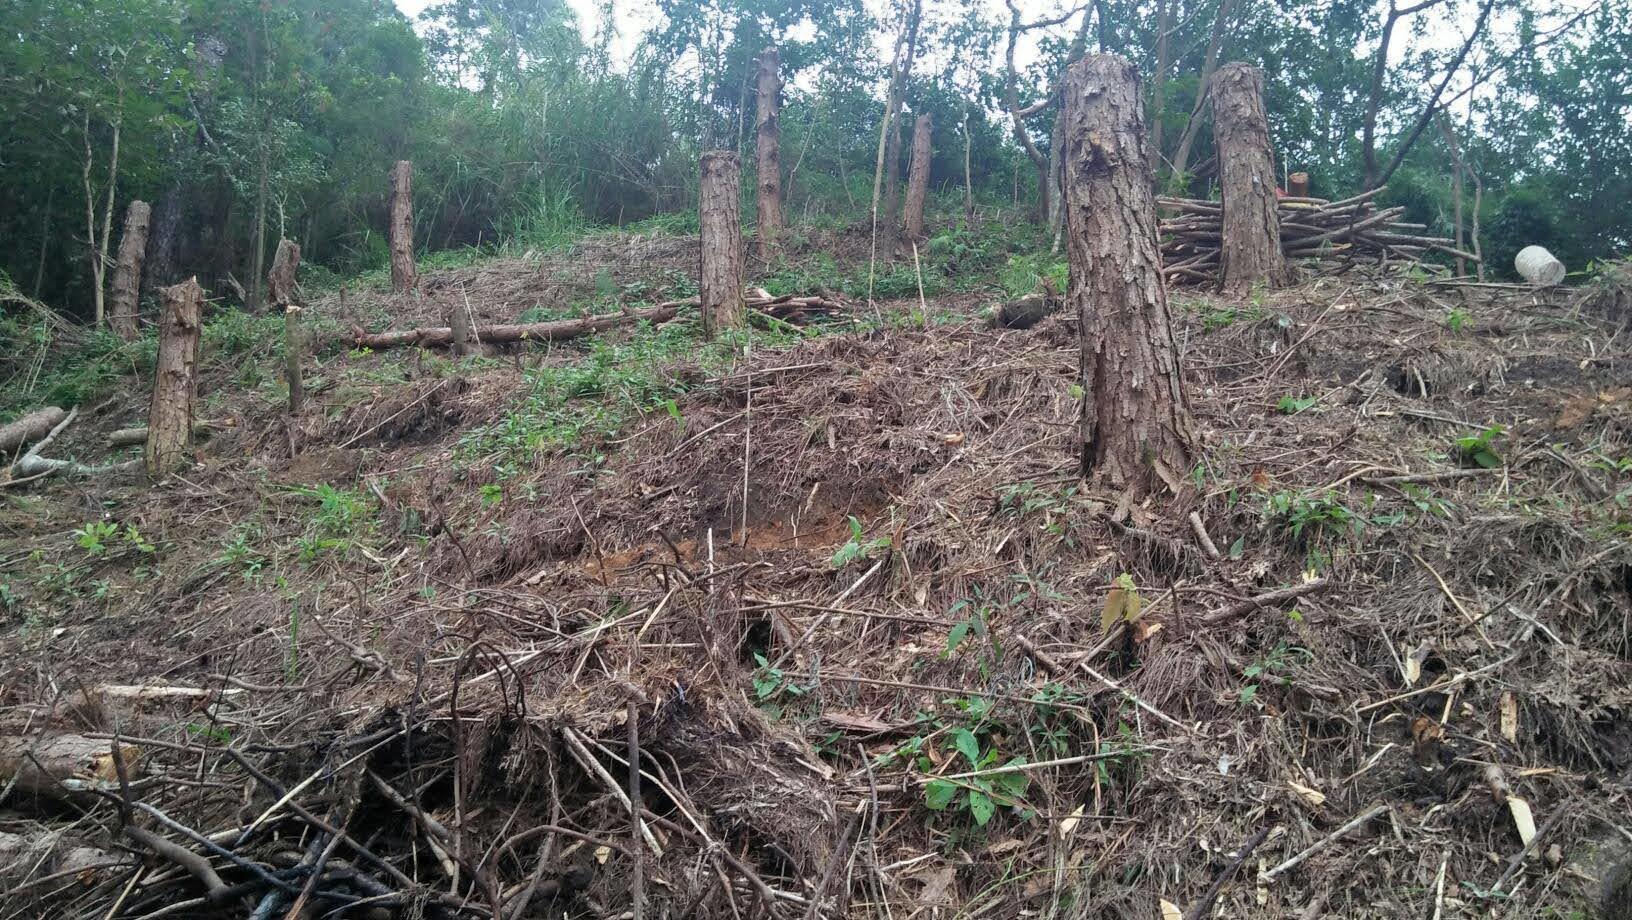 フィリピン・ベンゲット州における鉱山開発地域の森林再生事業〈中間報告〉_b0128901_20362617.jpg